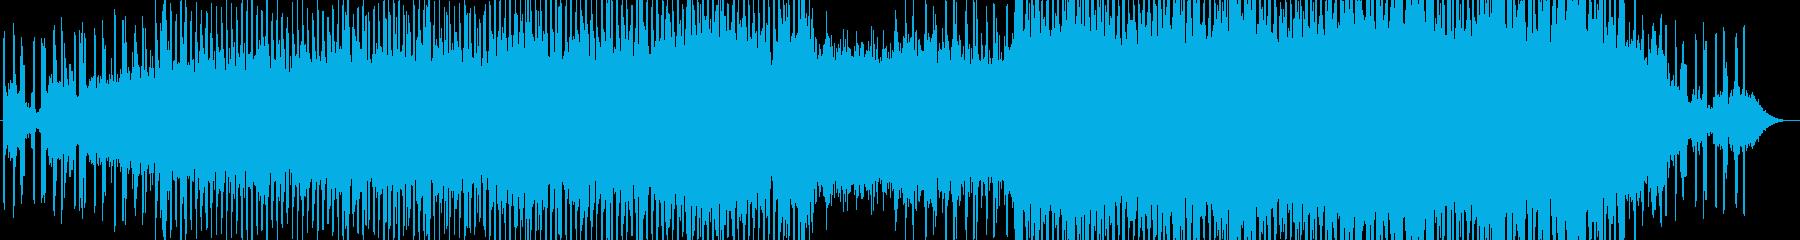 ゆったりとした風変わりなBGMの再生済みの波形